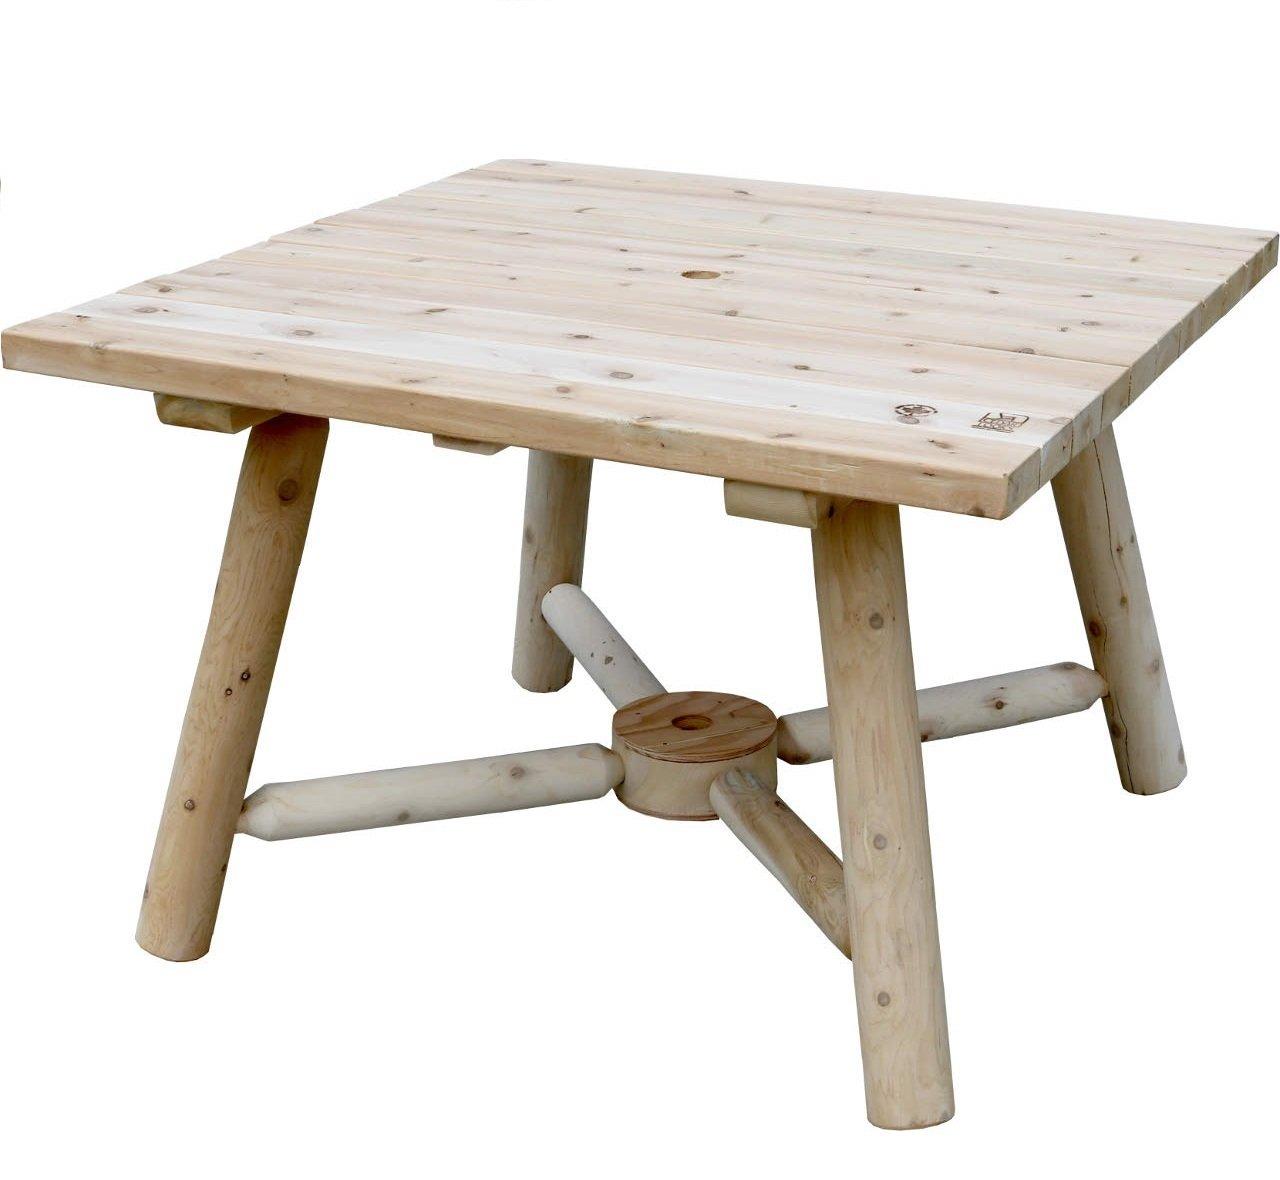 アウトドアテーブル キャンプ カナダ製 パラソル穴 ガーデン テーブル スクエアテーブル B07FCFRLT3  スクエアテーブル